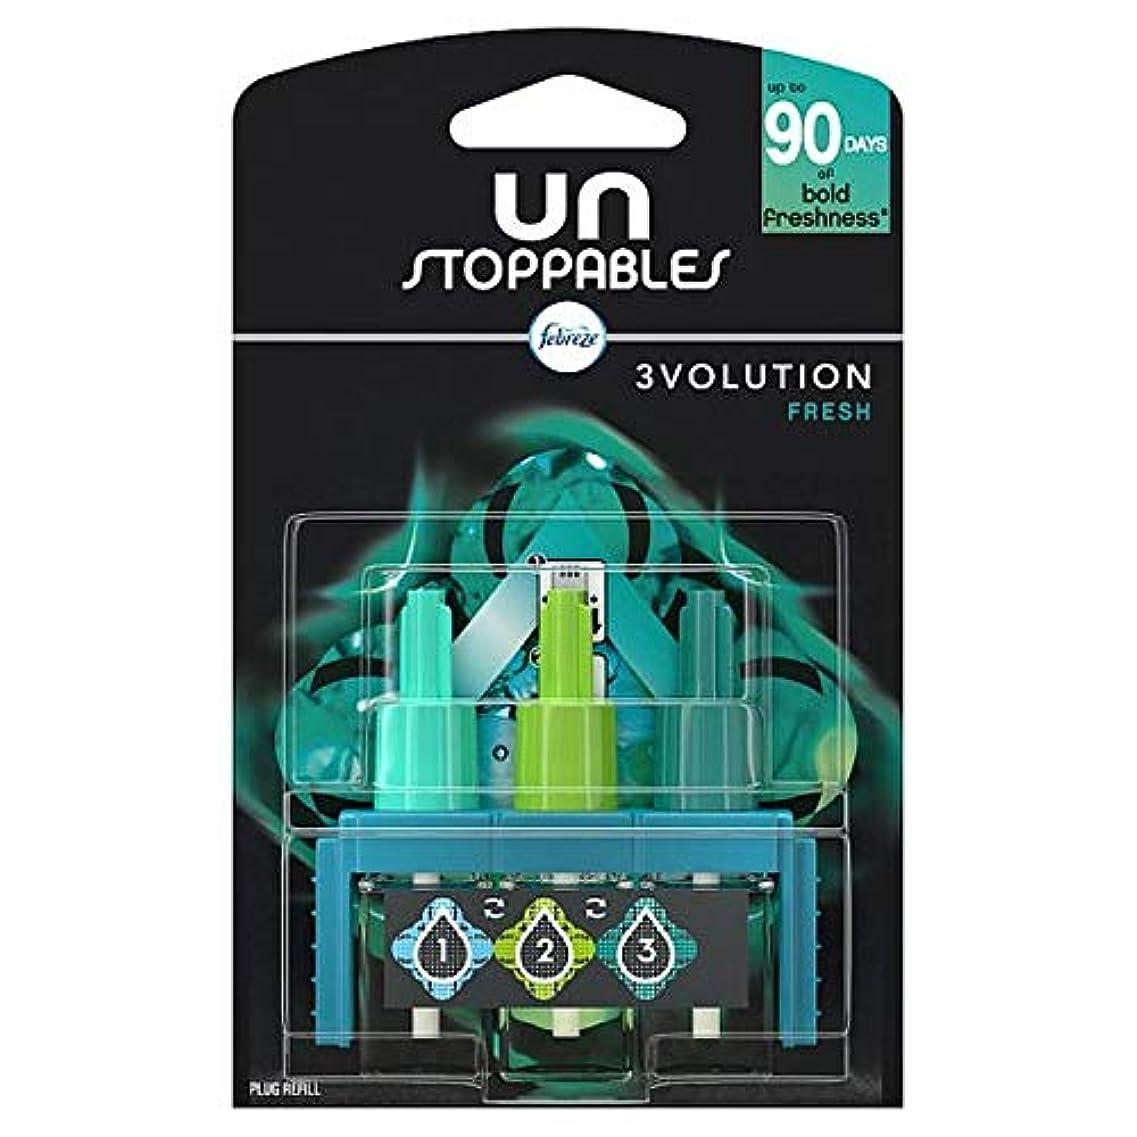 吐く論理的にキルト[Febreze] リフィル20ミリリットルでUnstoppables 3Volution新鮮なプラグイン - Unstoppables 3Volution Fresh Plug In Refill 20Ml [並行輸入品]